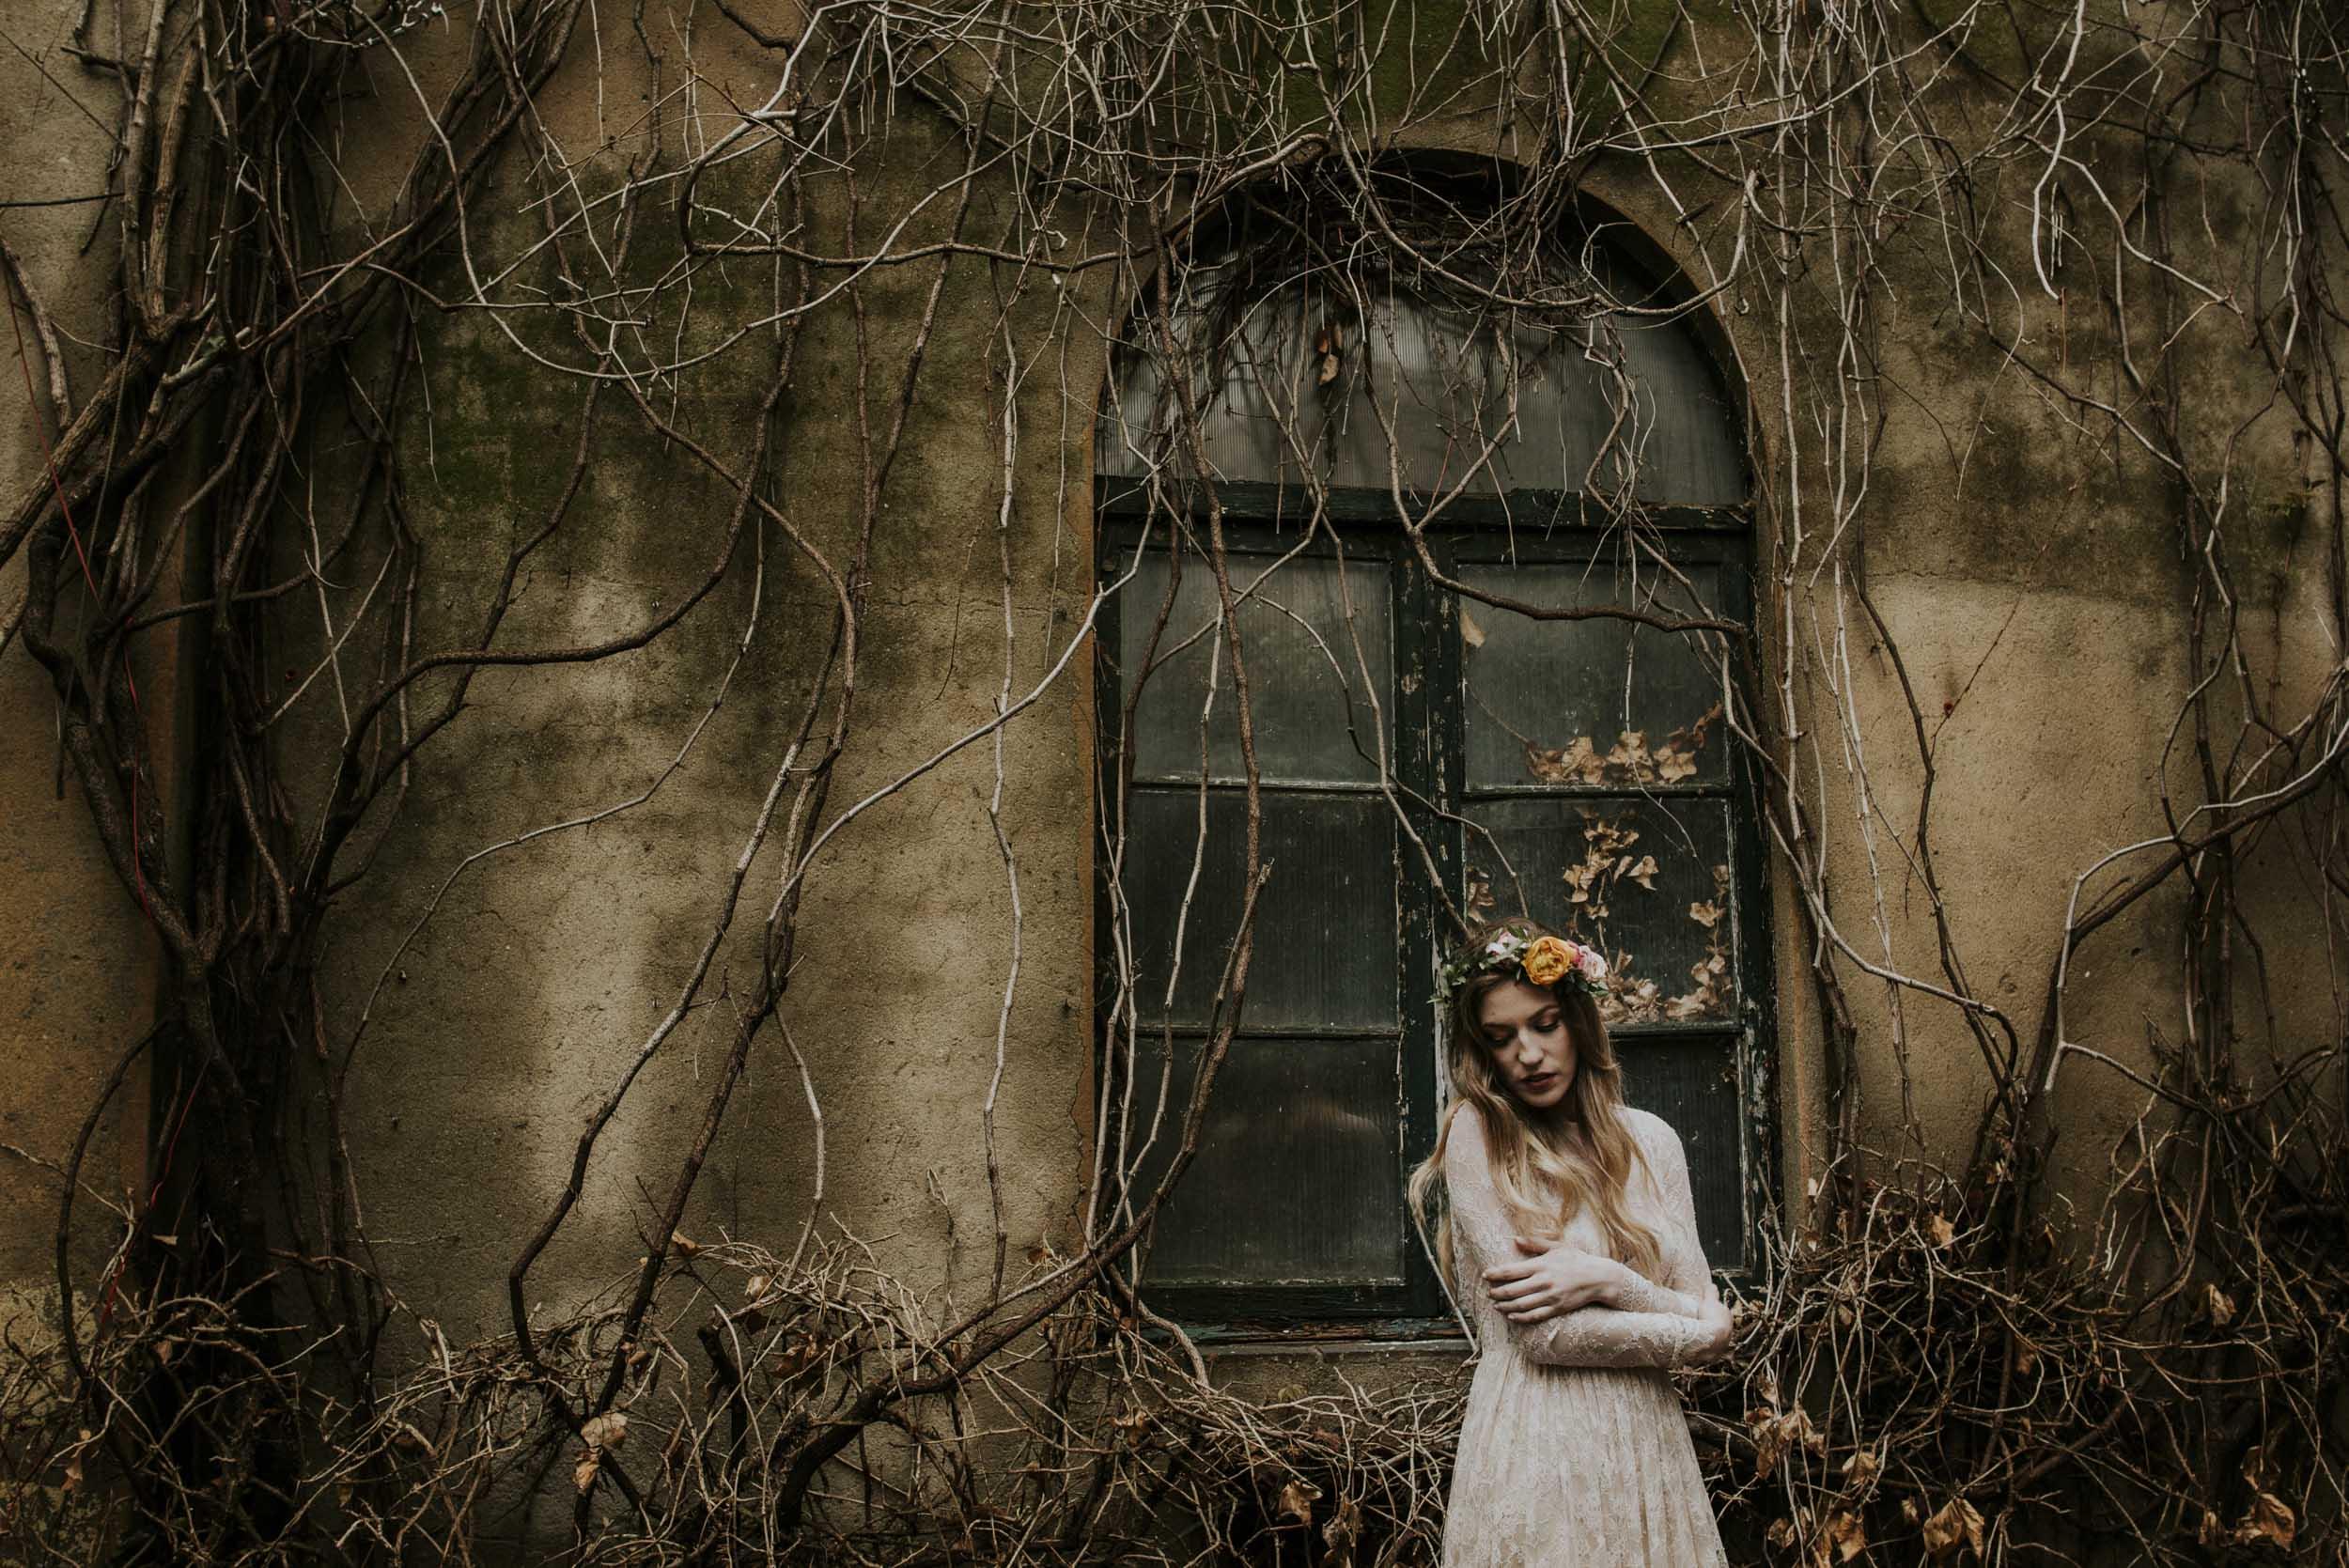 Boda_Barcelona_Kazados_Crazy_Preboda_Wedding_Gandia_Fotografo-9